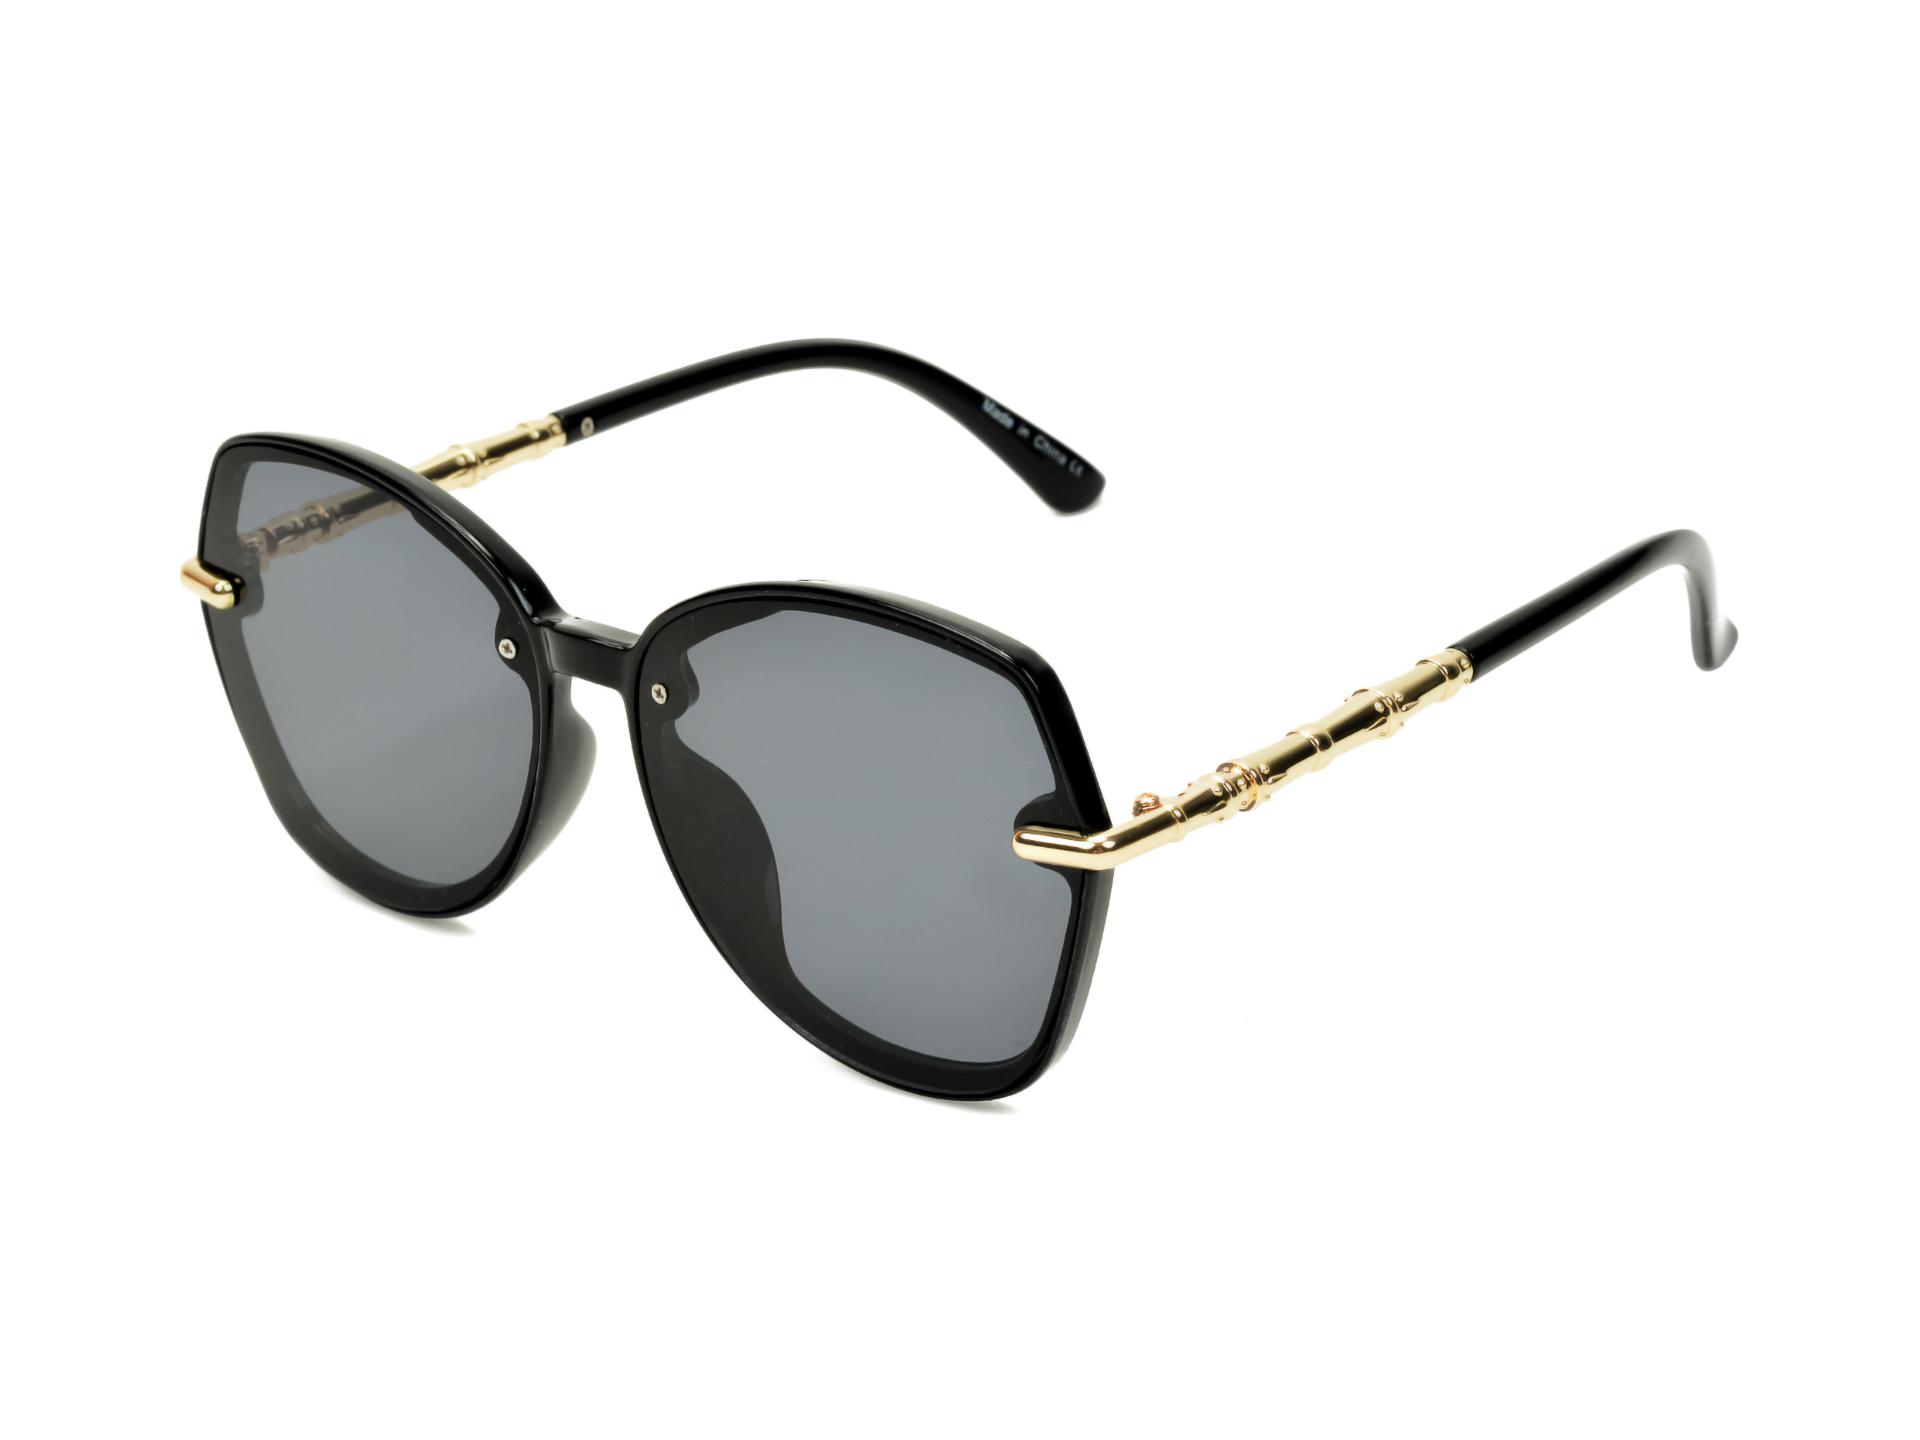 Ochelari de soare ALDO negri, Cortegaca970, din PVC New